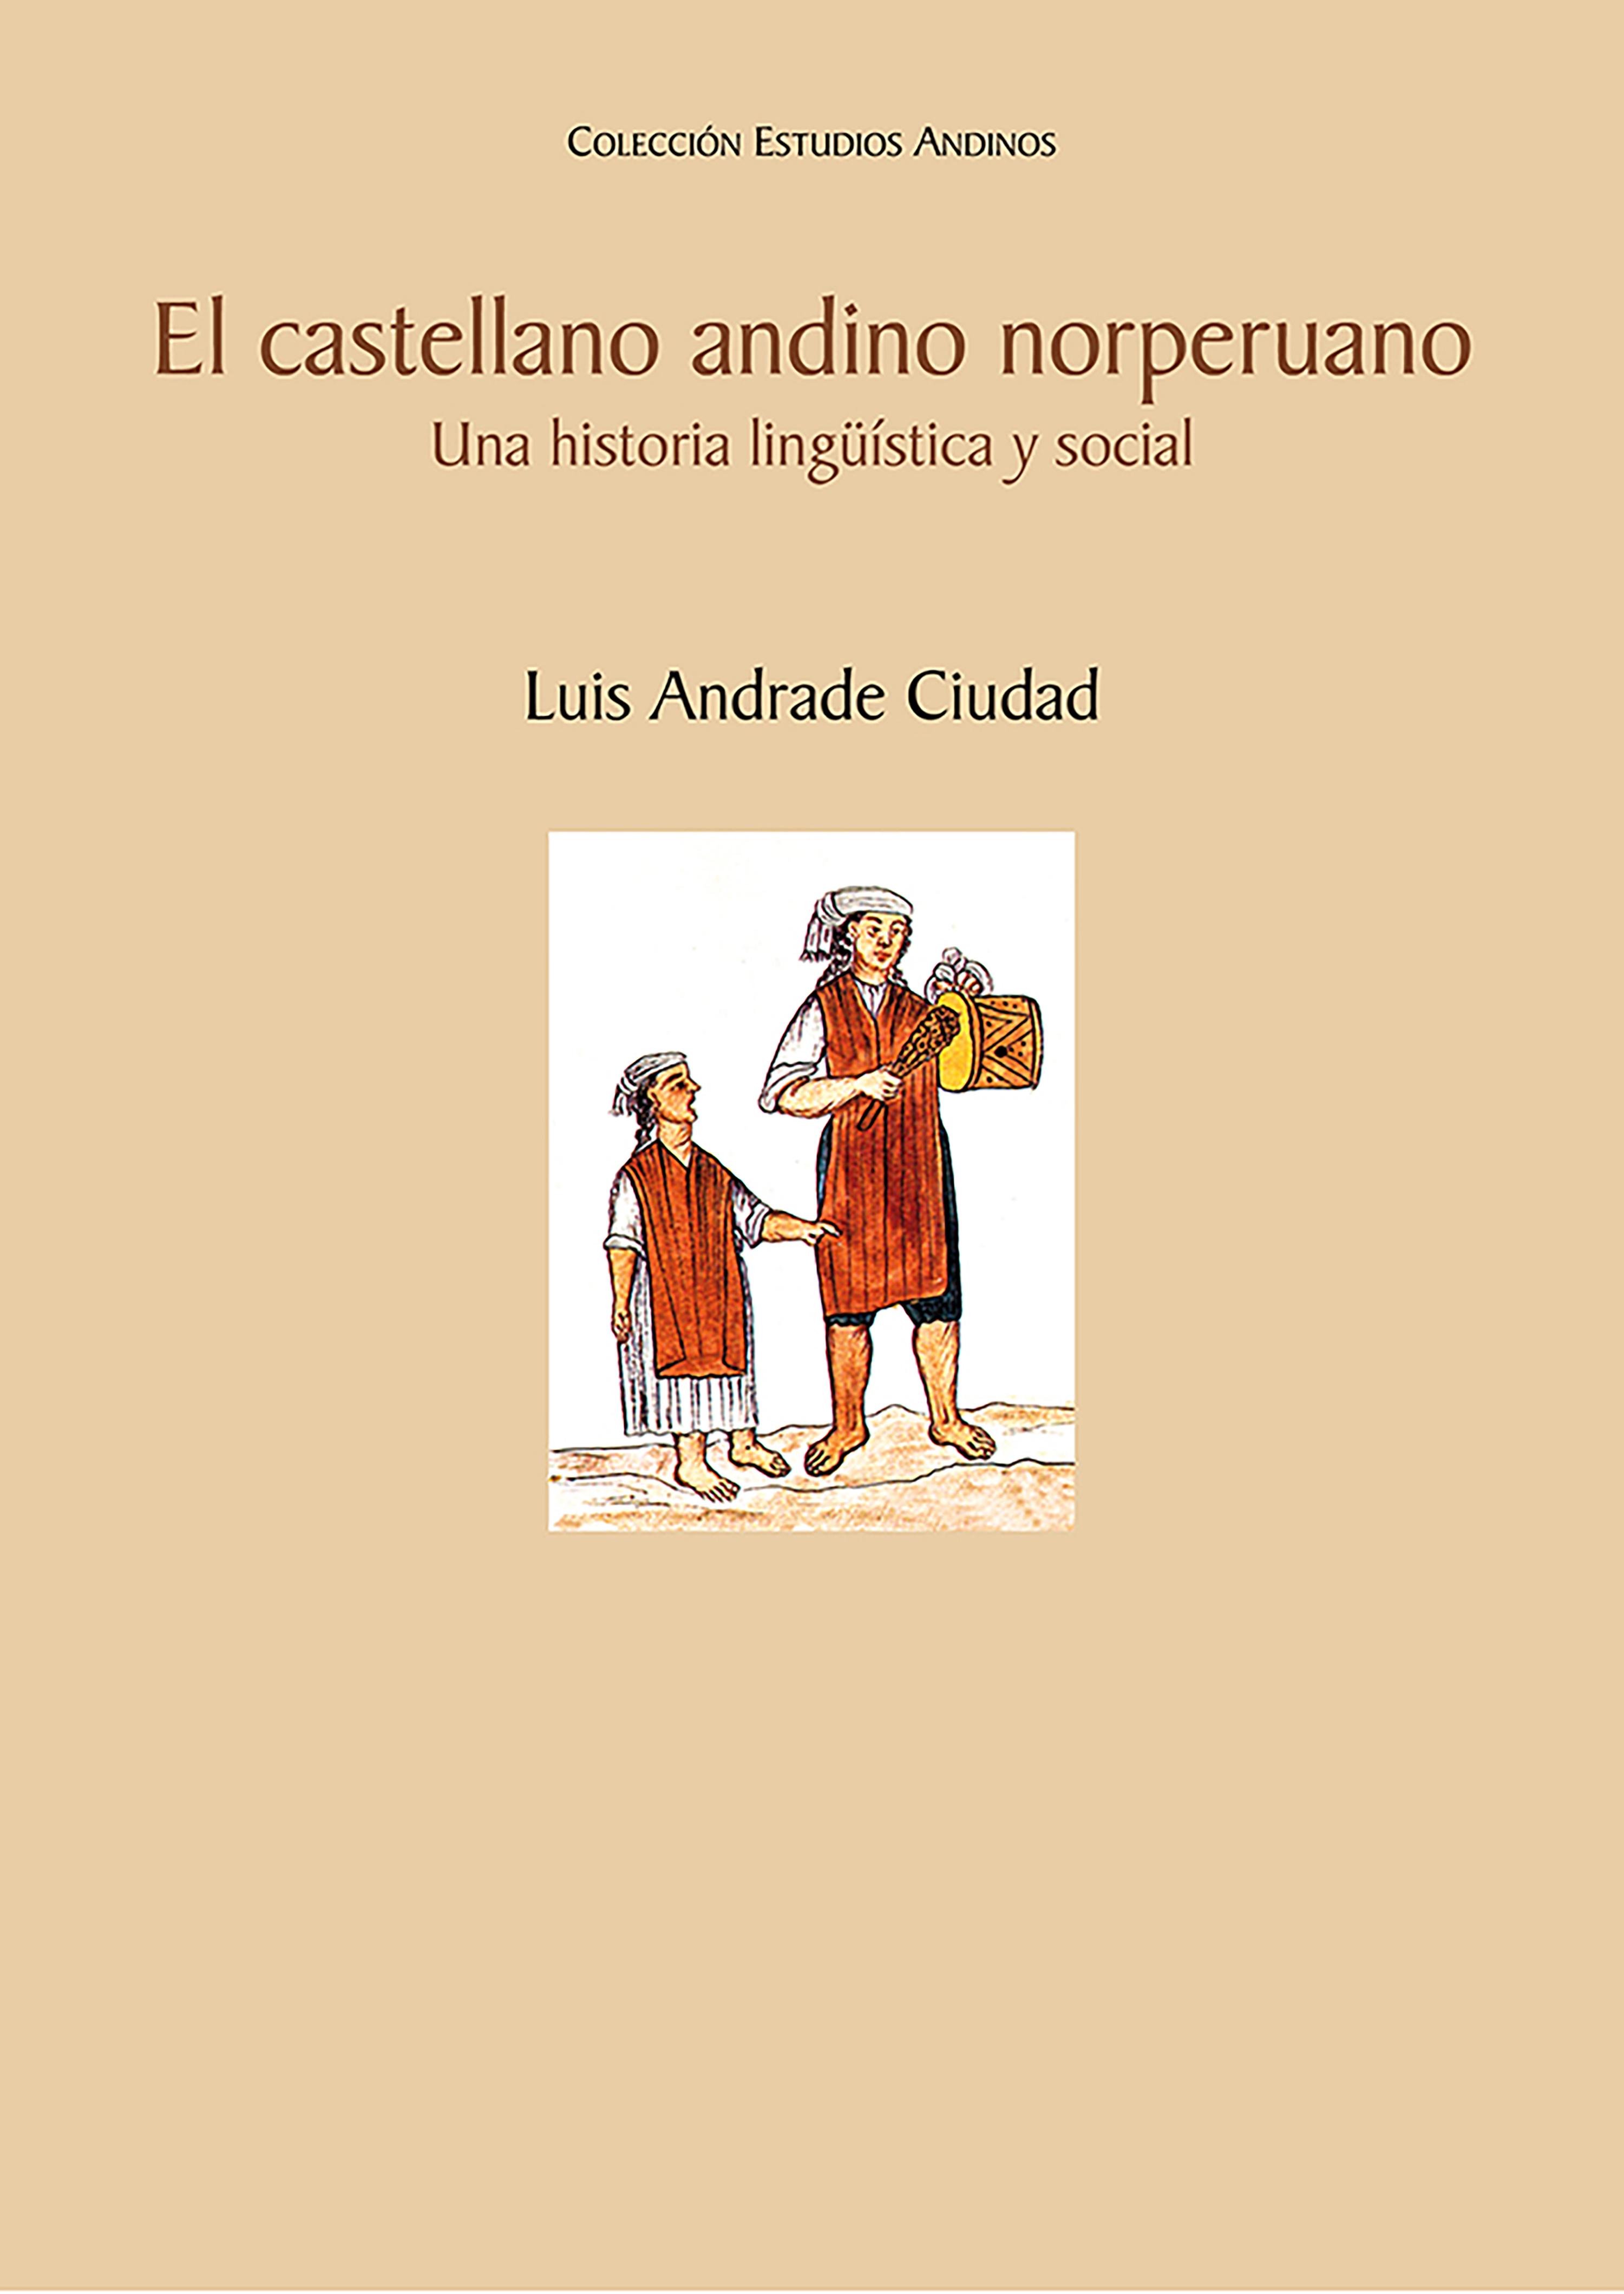 Luis Andrade El castellano andino norperuano